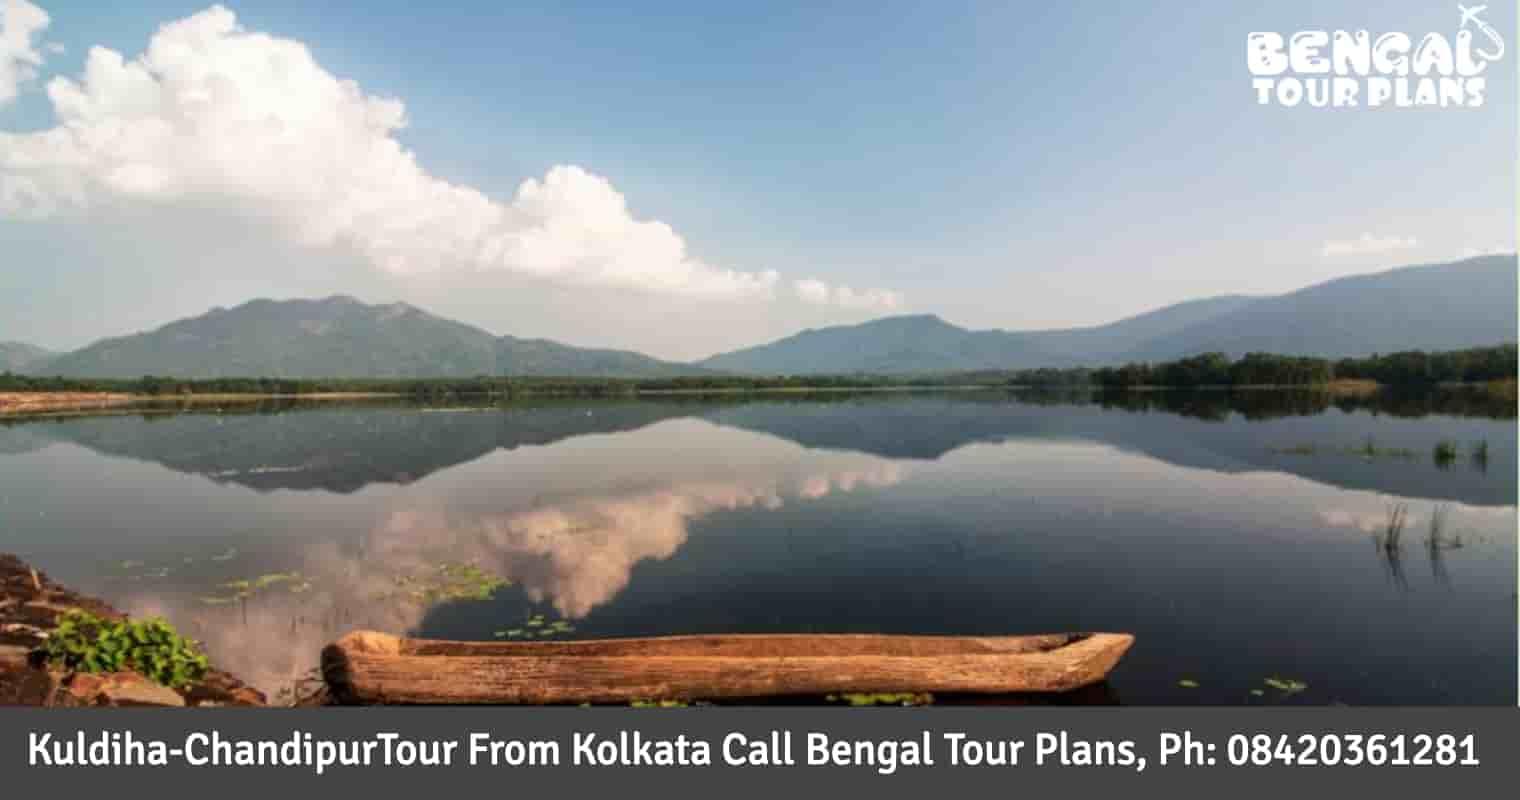 Kuldiha Chandipur Tour Package From Kolkata